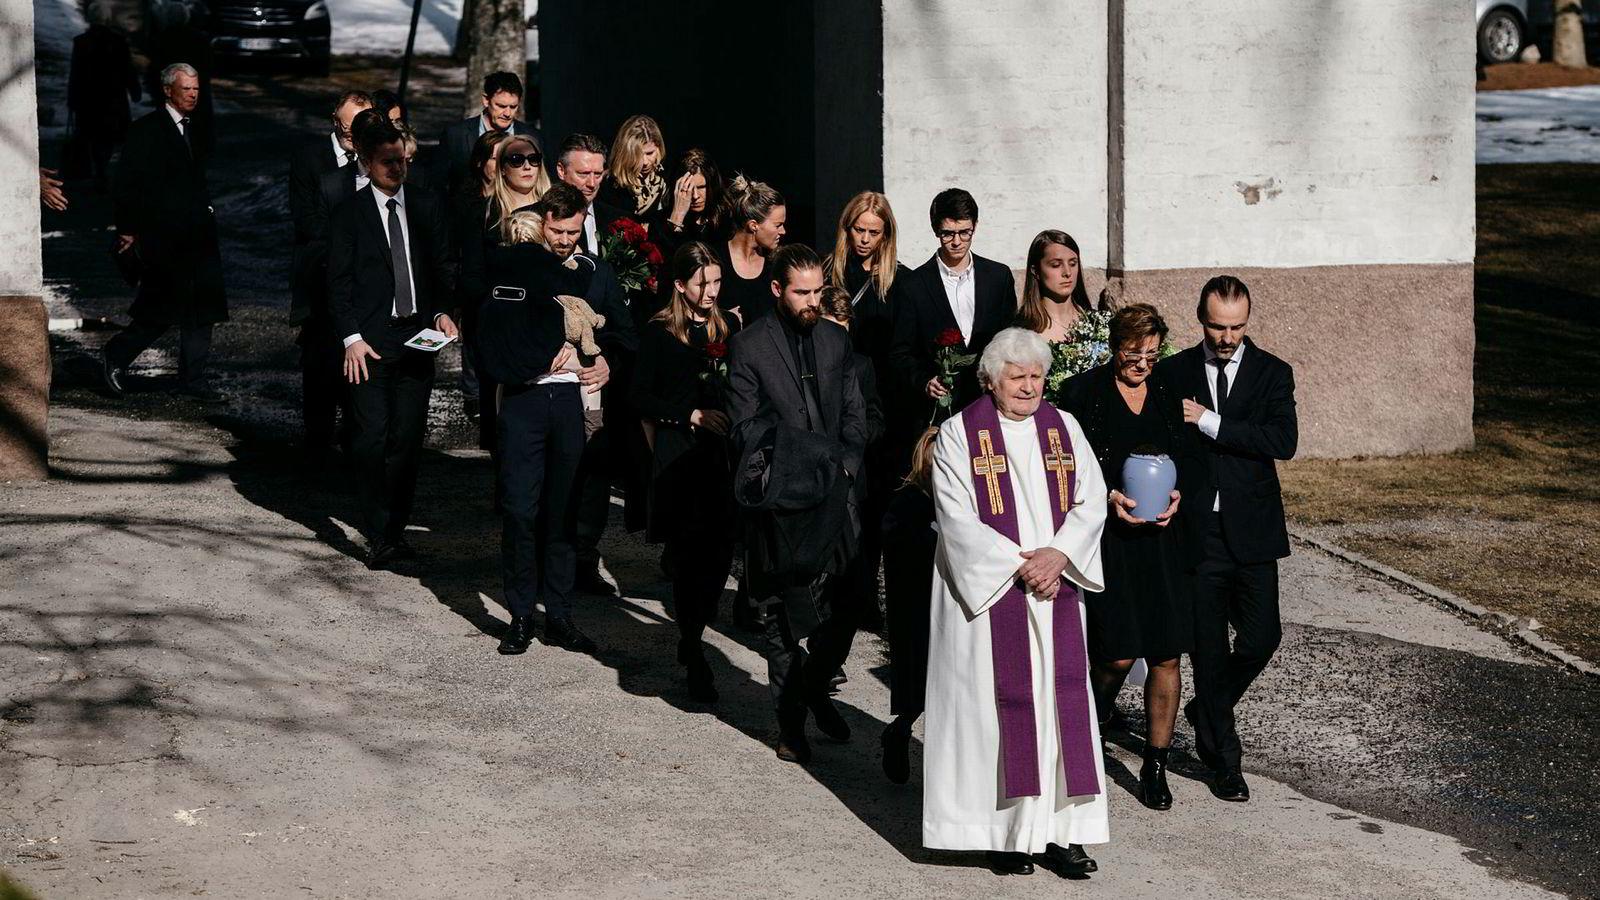 Knut Haaviks mangeårige partner, Solveig – mest kjent som Sol – gikk i front og bar urnen under bisettelsen til den tidligere Se og Hør-redaktøren i Ris kirke i Oslo i slutten av mars.